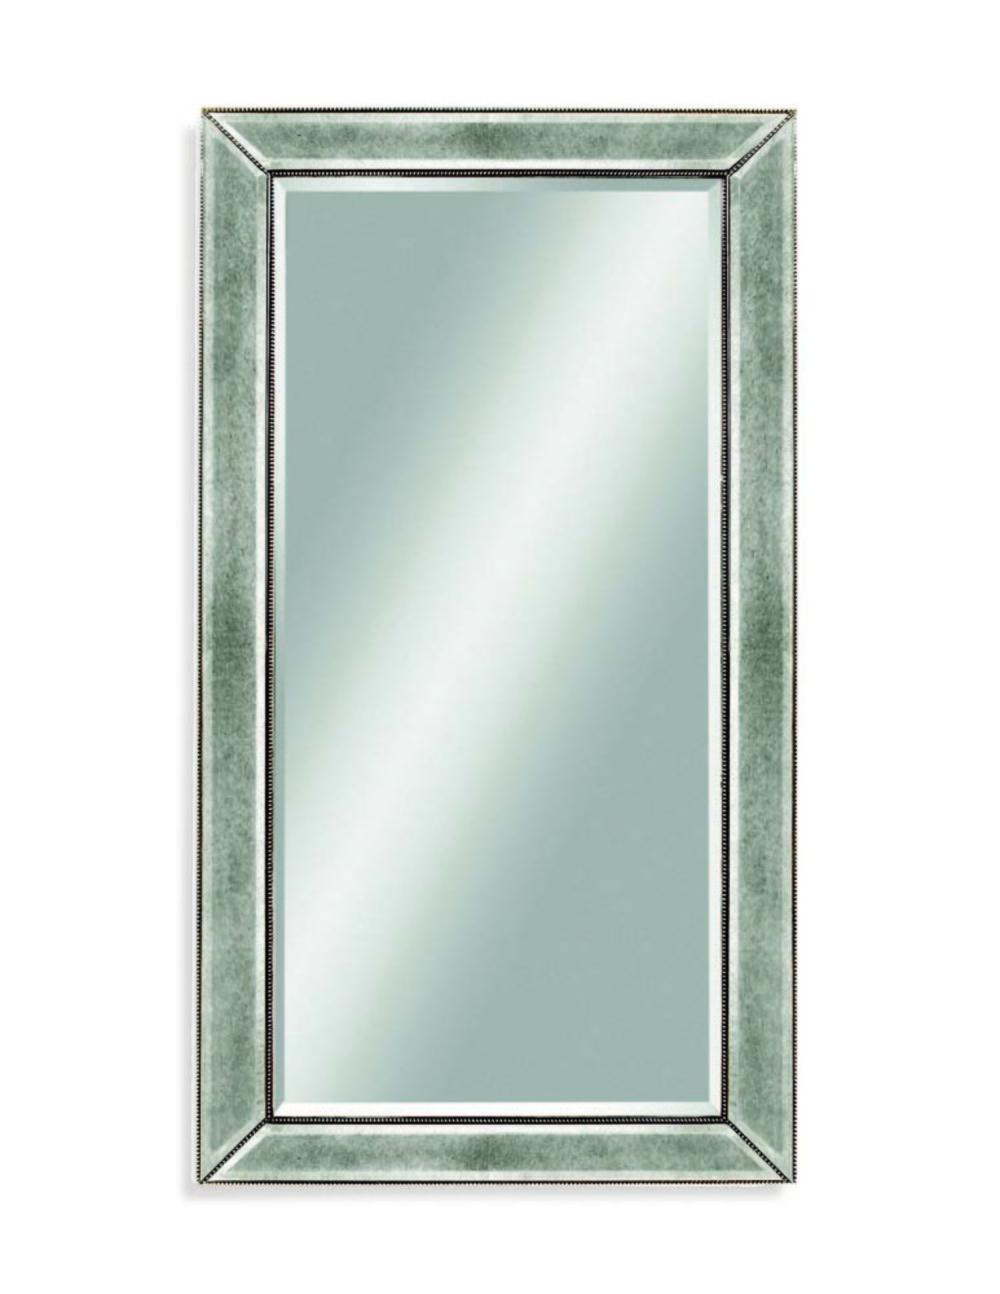 Bassett Mirror Company - Beaded Wall Mirror